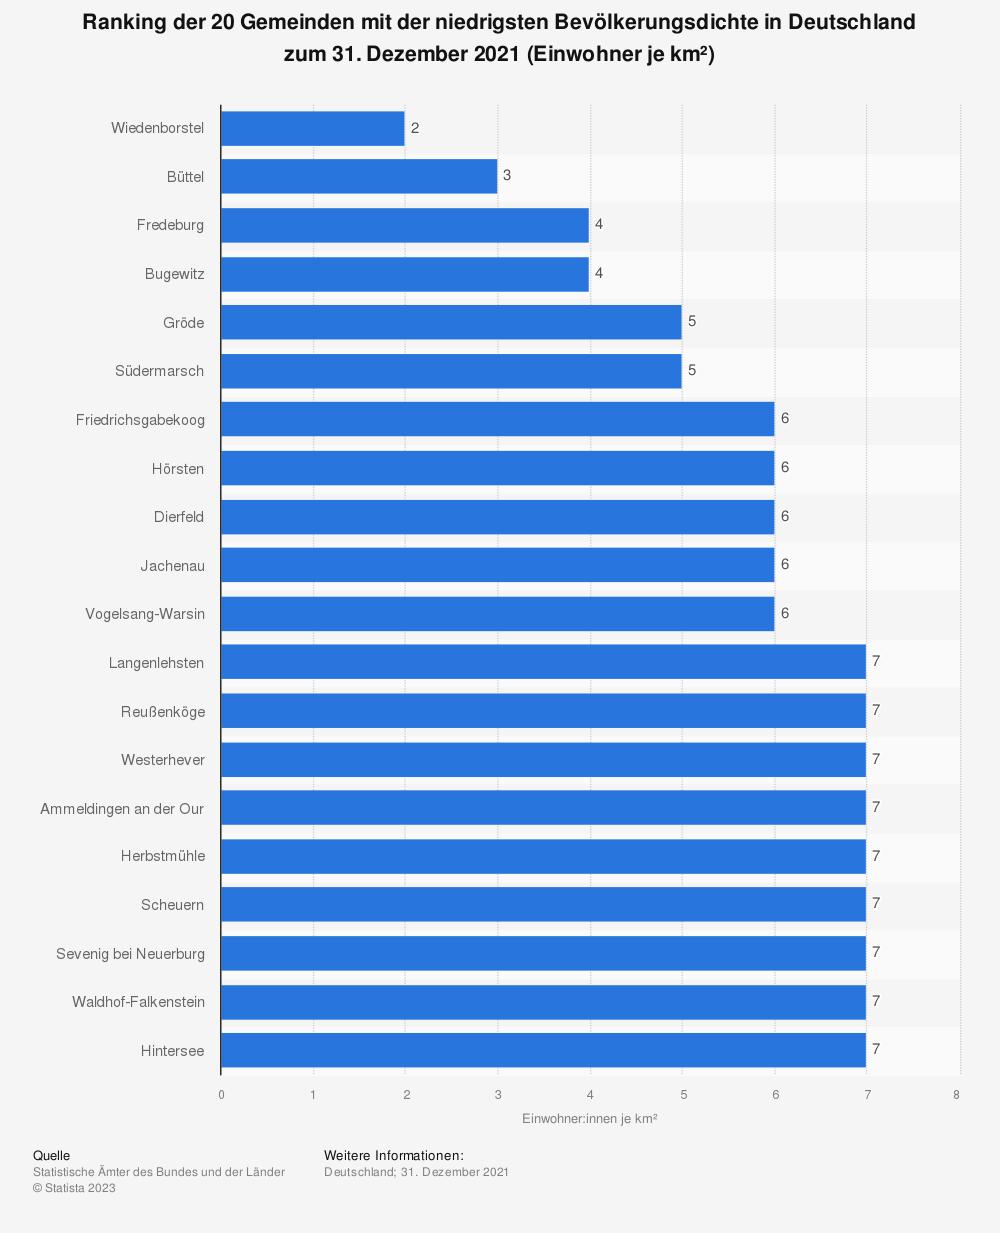 Statistik: Ranking der 20 Gemeinden mit der niedrigsten Bevölkerungsdichte in Deutschland zum 31. Dezember 2019 (Einwohner je km²) | Statista